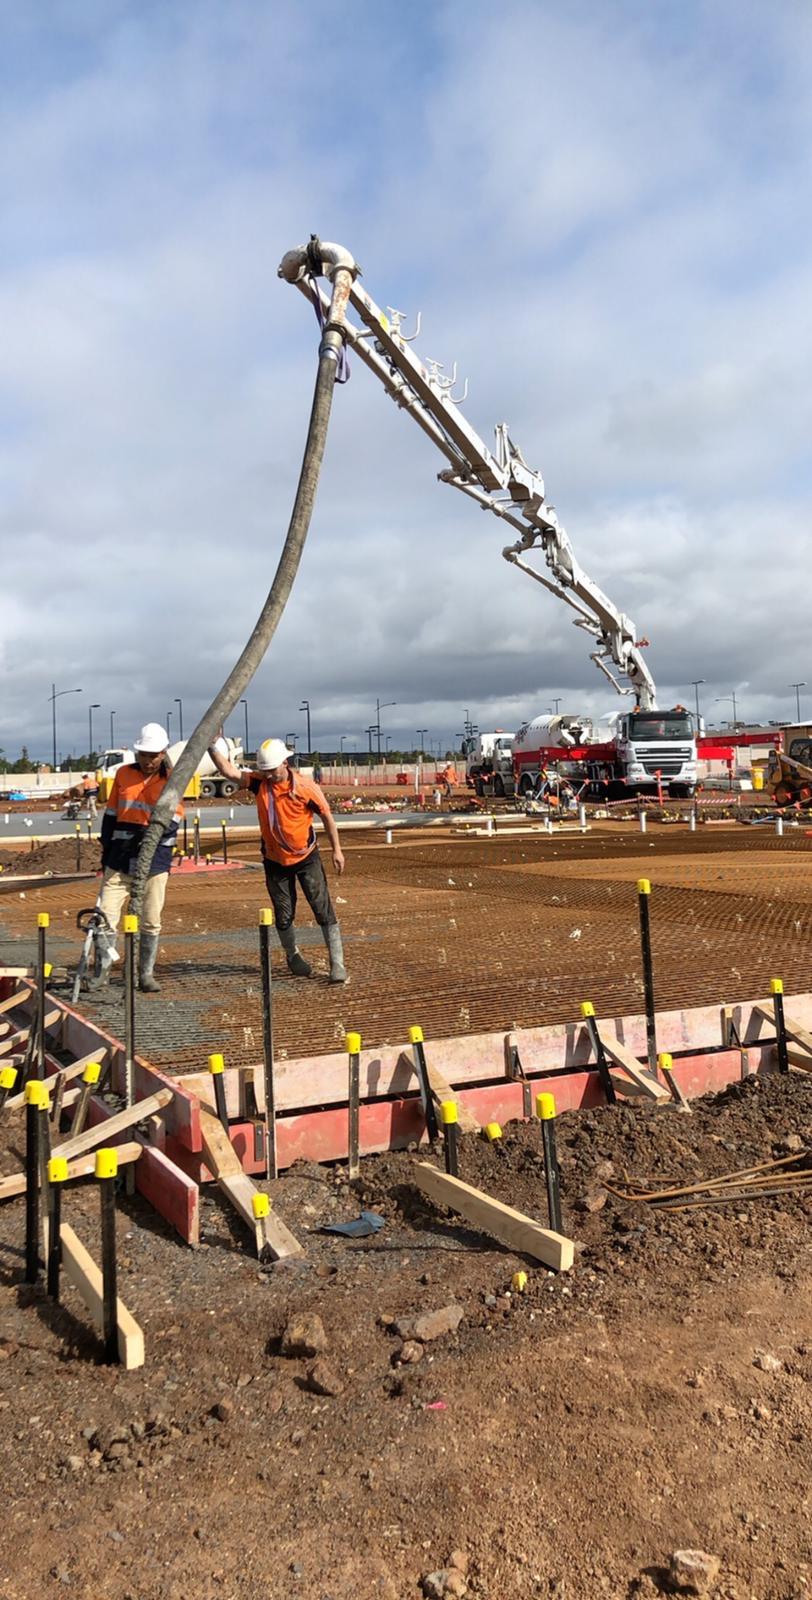 Get-Pumped-Concrete-Pumping-Dual-Concrete-Pump-truck-concrete-line-pump-boom-pump-hire-melbourne